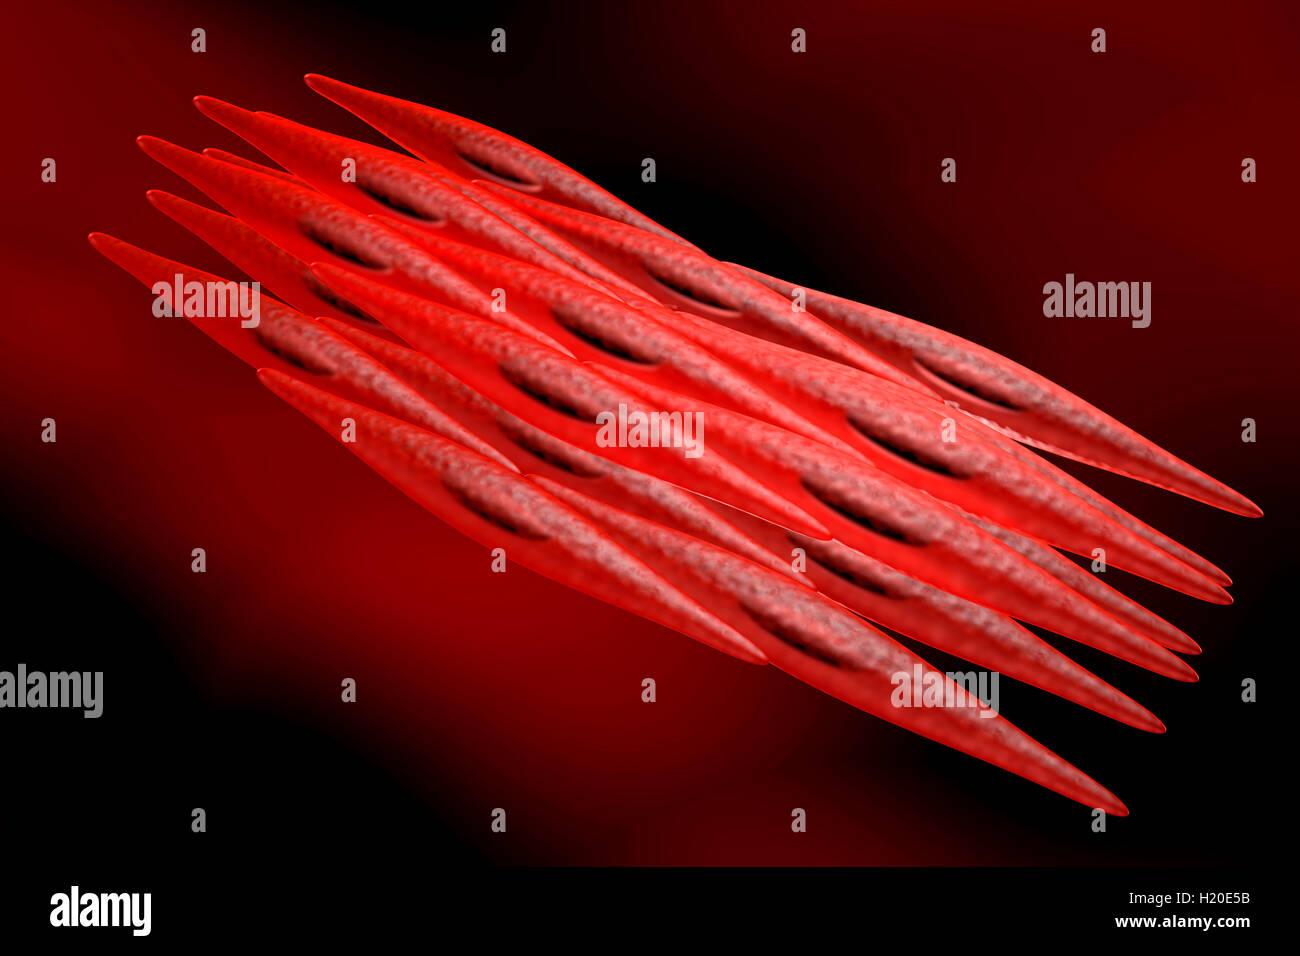 3D renderizada ilustração de um não-estriados miócito, célula ...